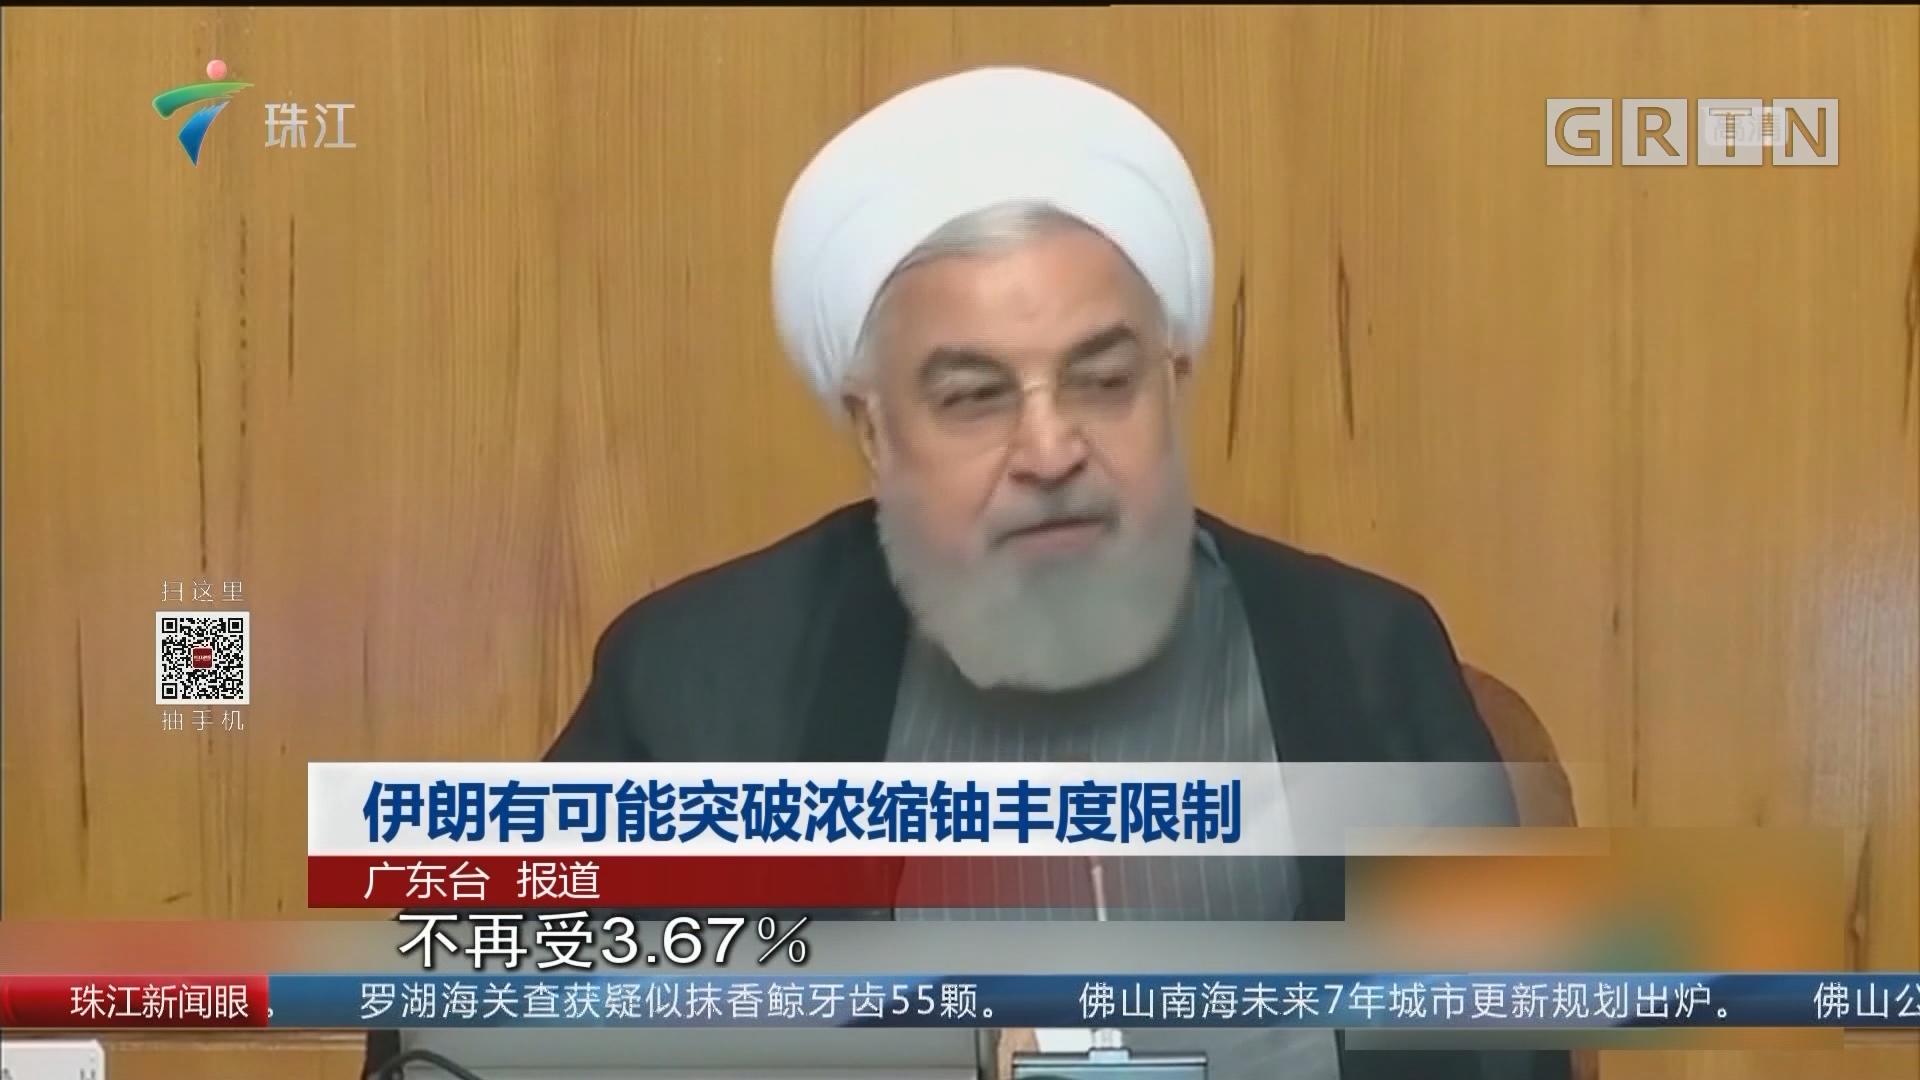 伊朗有可能突破濃縮鈾豐度限制